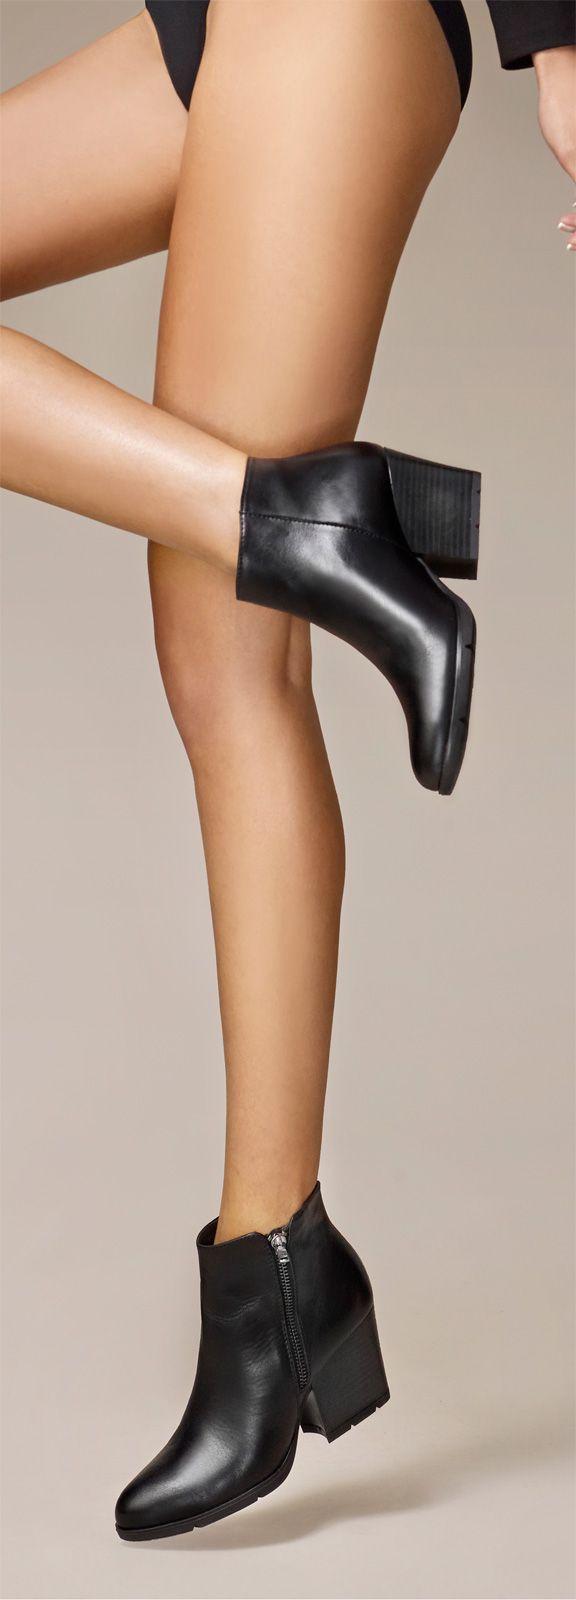 Estiliza tu figura con unos botines Gadea. Calidad, comodidad y estilo para tus looks. Visita nuestra tienda online >> www.gadeawellness.com